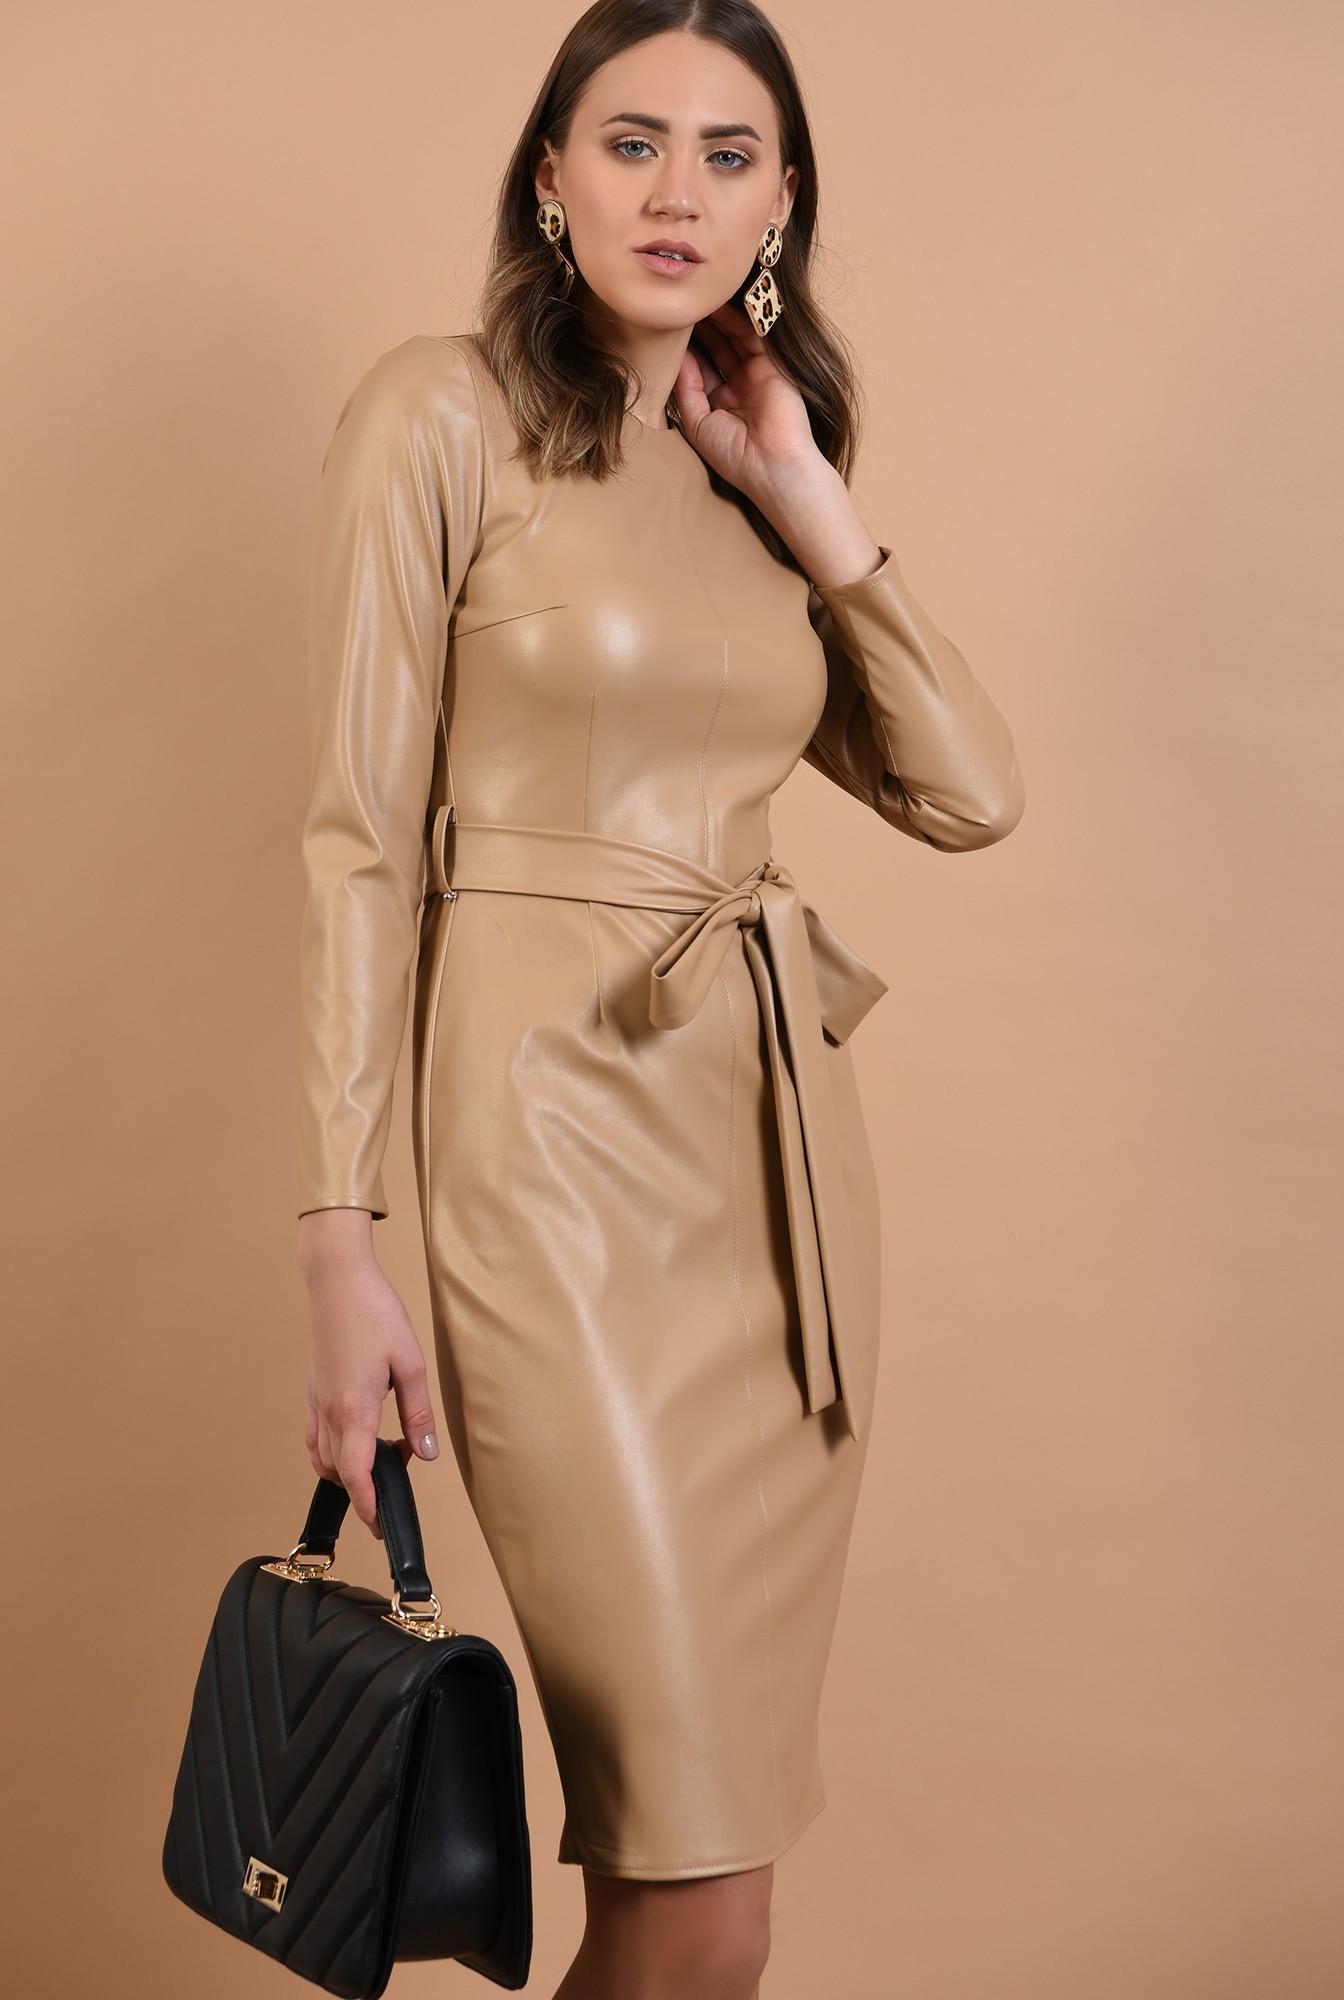 2 - rochie midi, conica, cu cordon, piele eco, nude